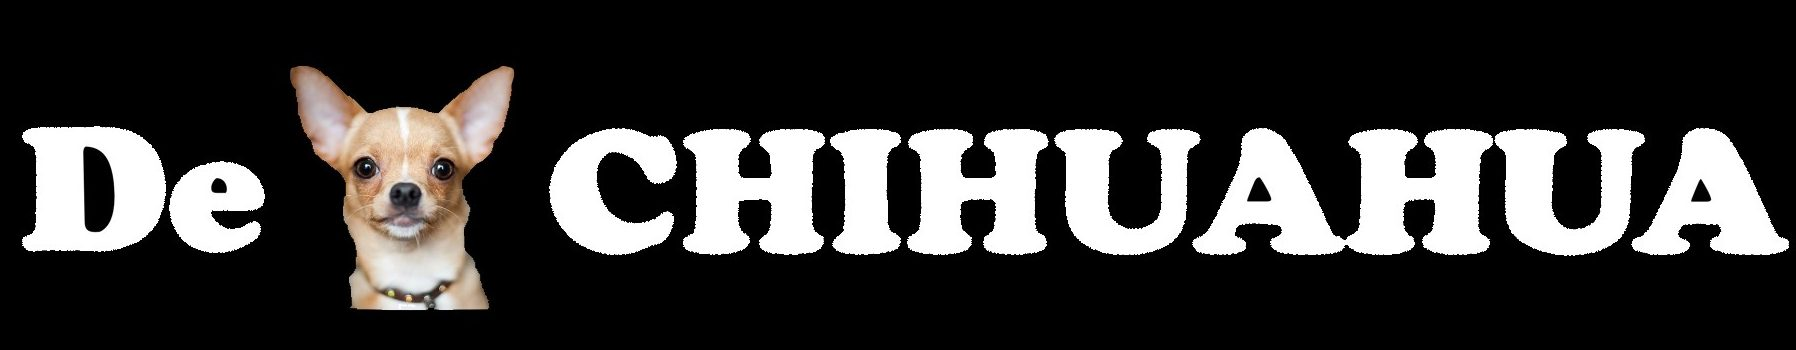 DECHIHUAHUA.ORG